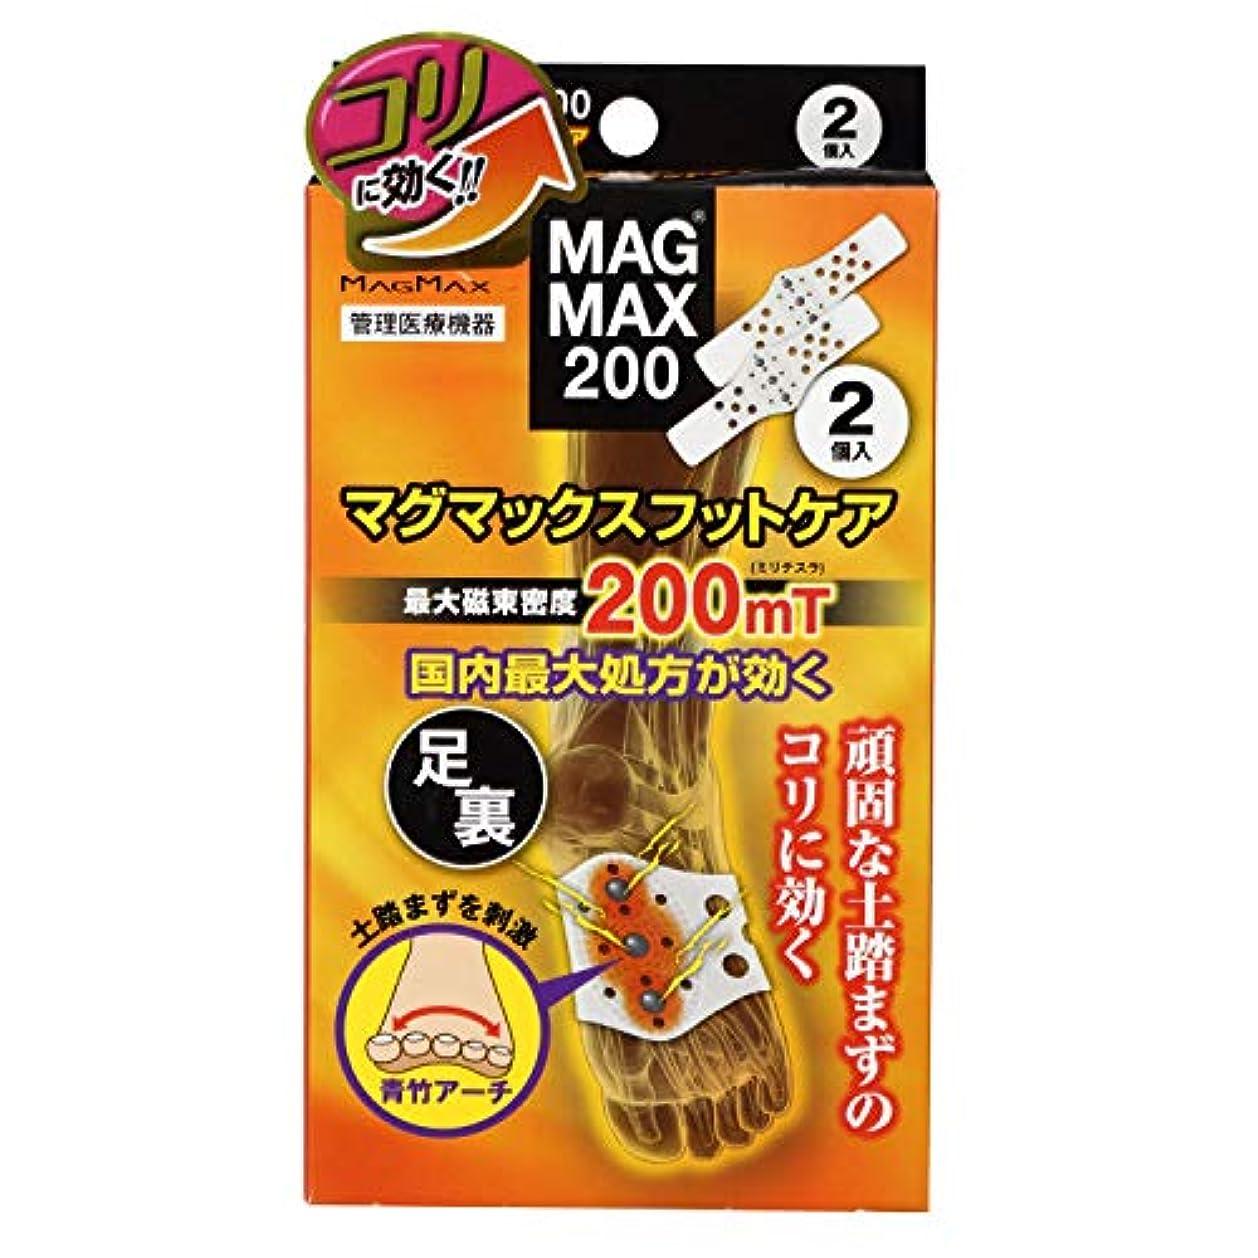 溶融メリー軽減するマグマックスフットケア MAGMAX200 足裏用磁気ベルト マグネットケア 磁束密度200mT (2個入り)